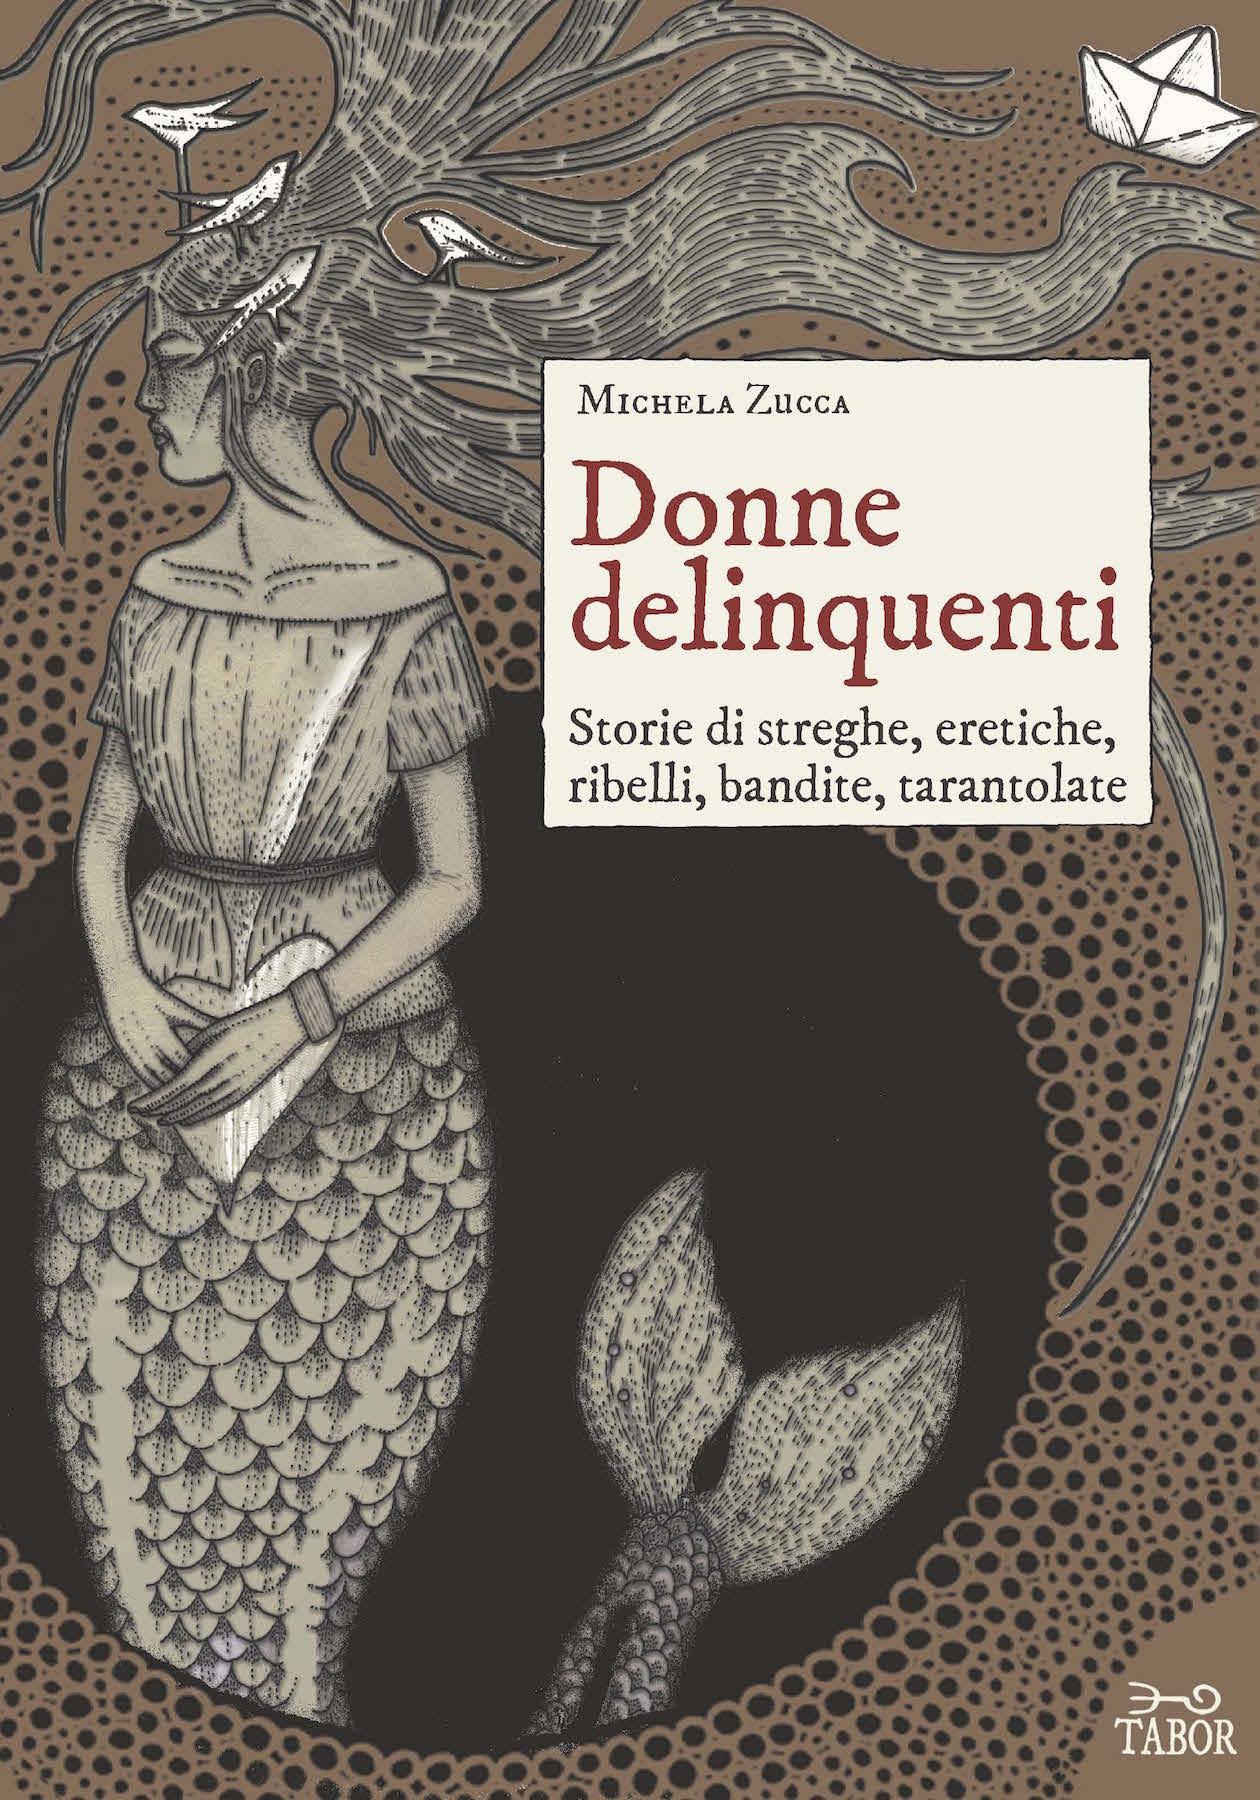 """Miche zucca, """"Donne delinquenti""""-Storie di streghe, eretiche, ribelli, bandite, tarantolate-NOVITà"""